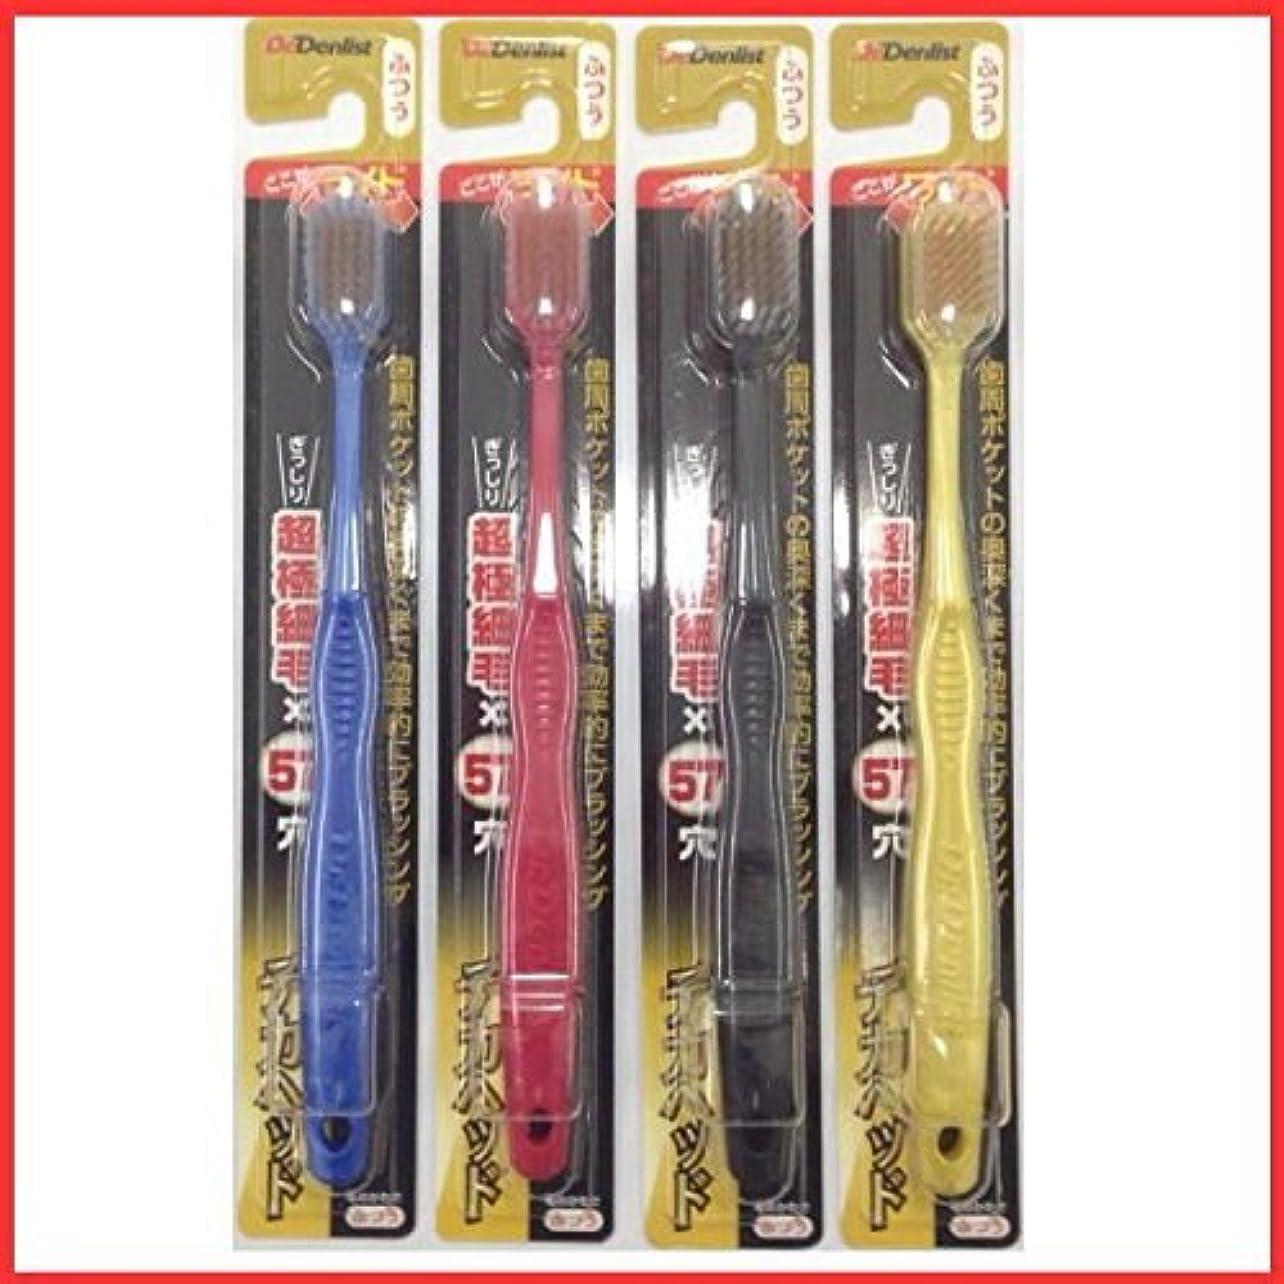 ブランチ促す安価な歯ブラシ 幅広 デカヘッド 57穴 4本組み(ふつう)(色おまかせ)